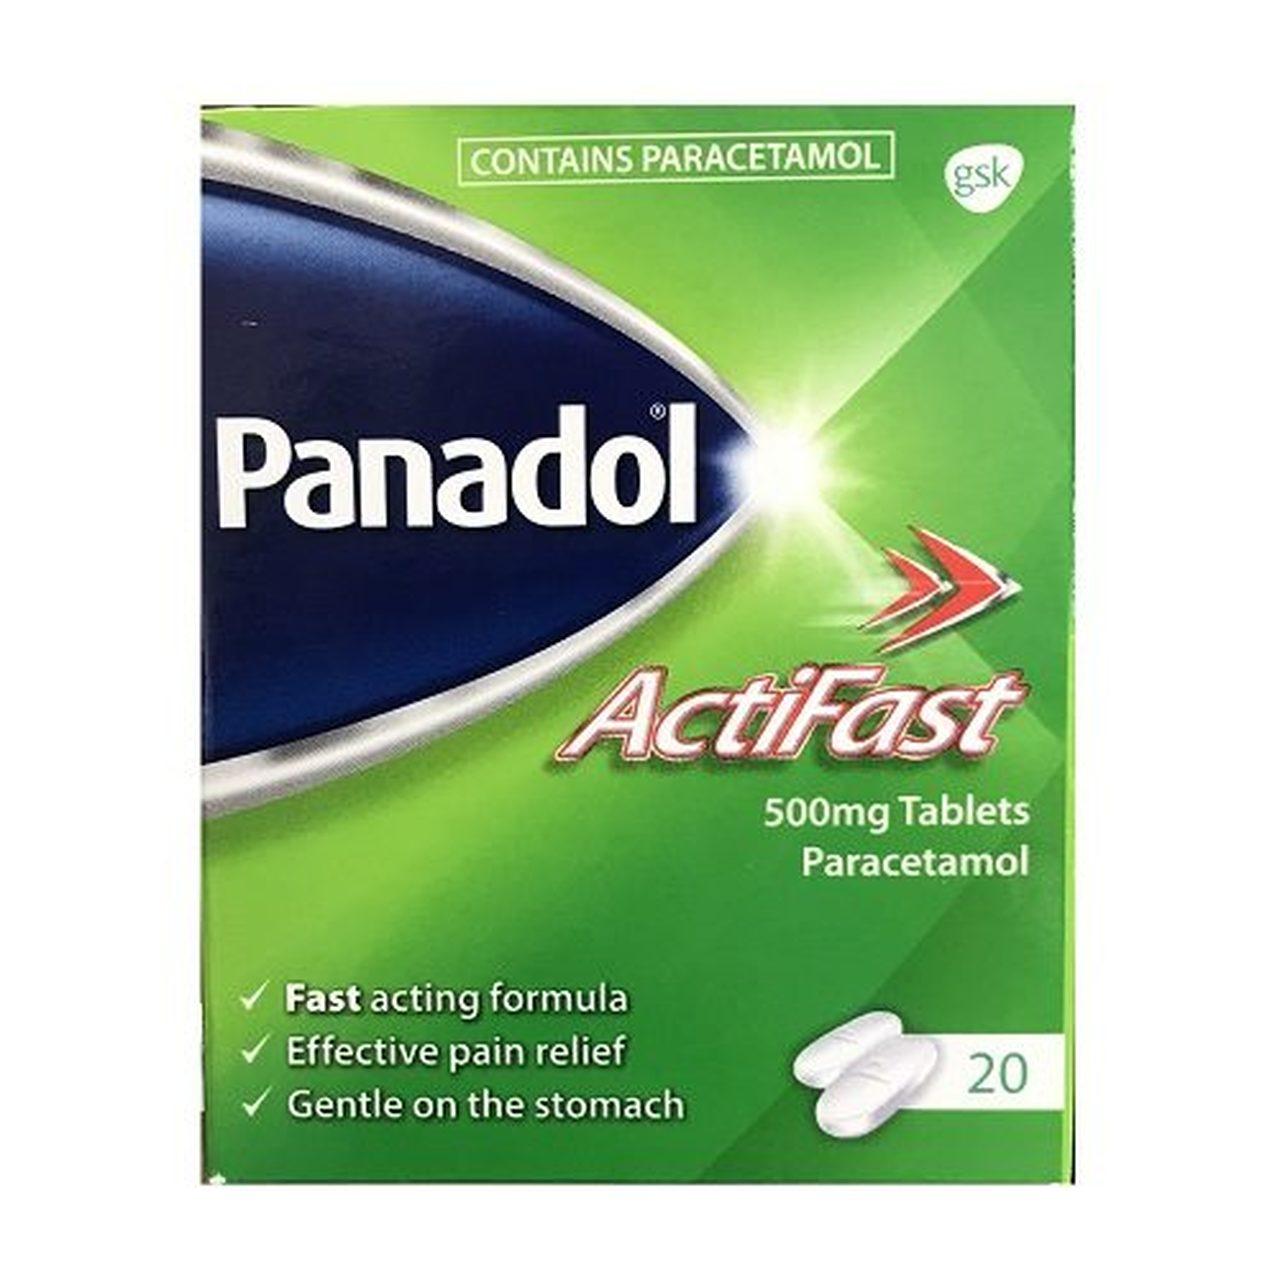 PANADOL ACTIFAST 500MG TABS